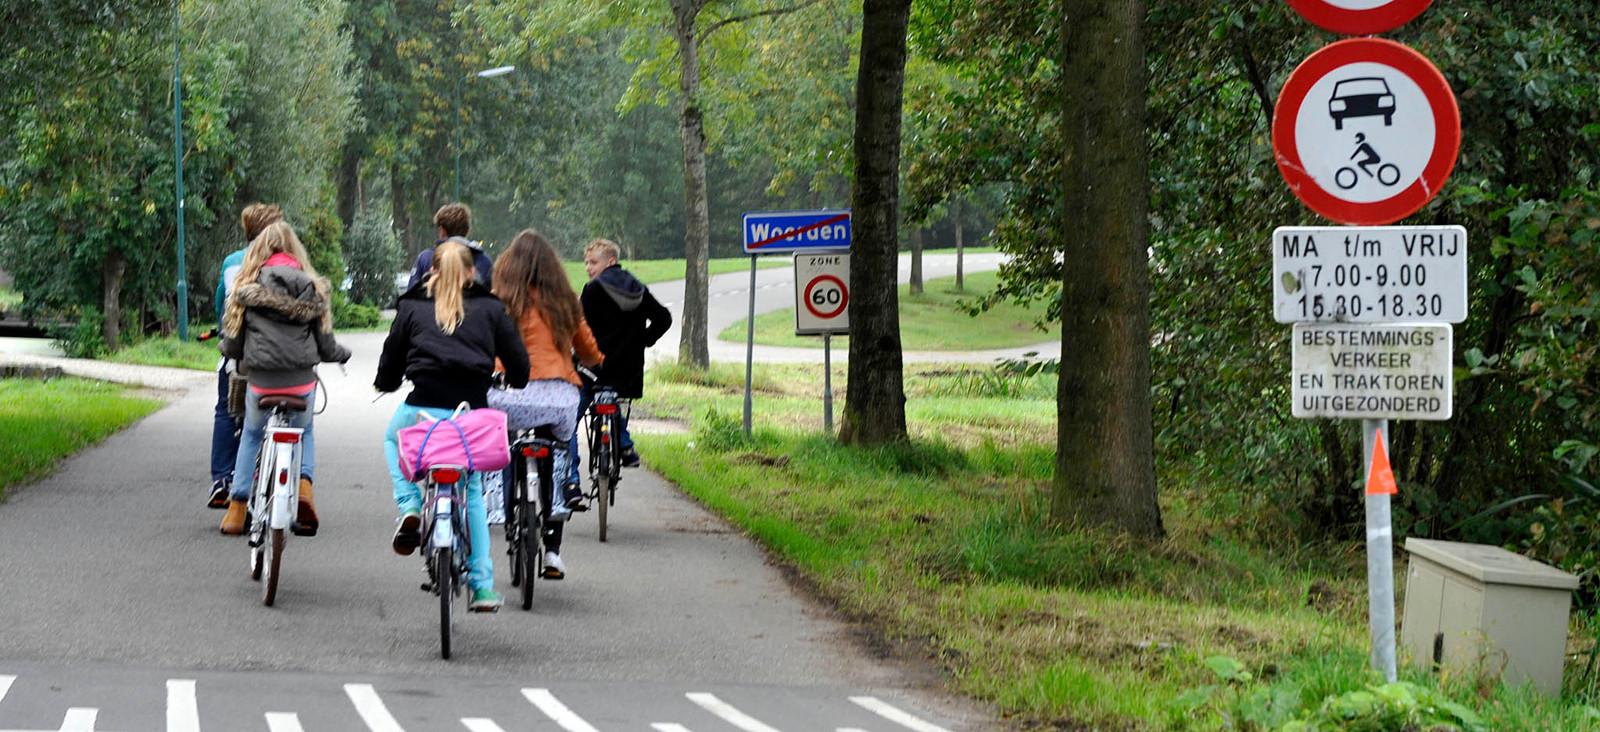 Cattenbroekerdijk in Woerden